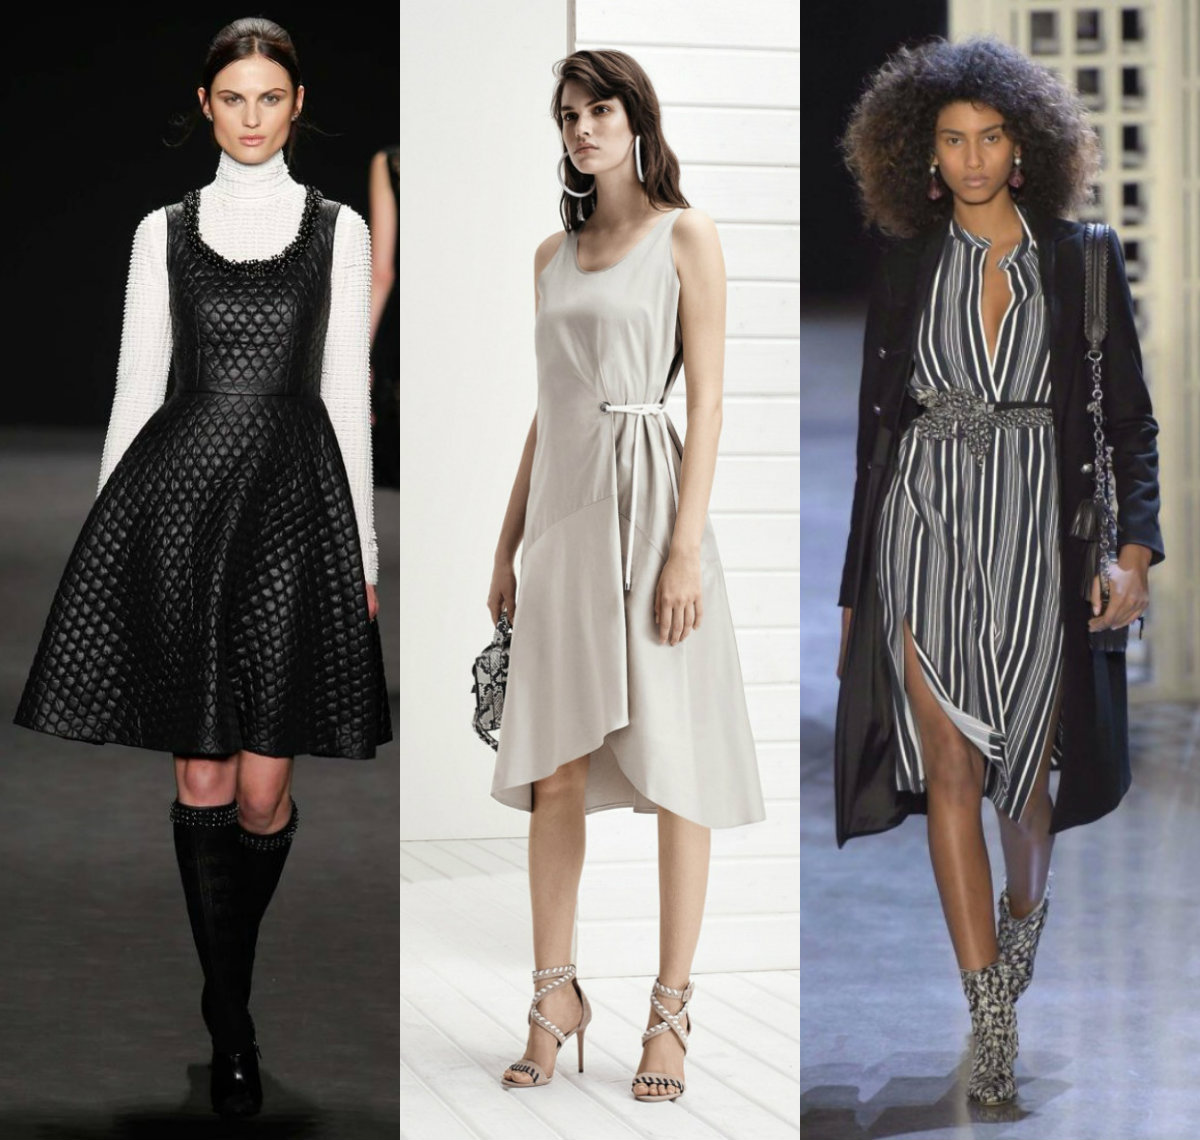 модные тенденции платьев 2018: повседневные наряды